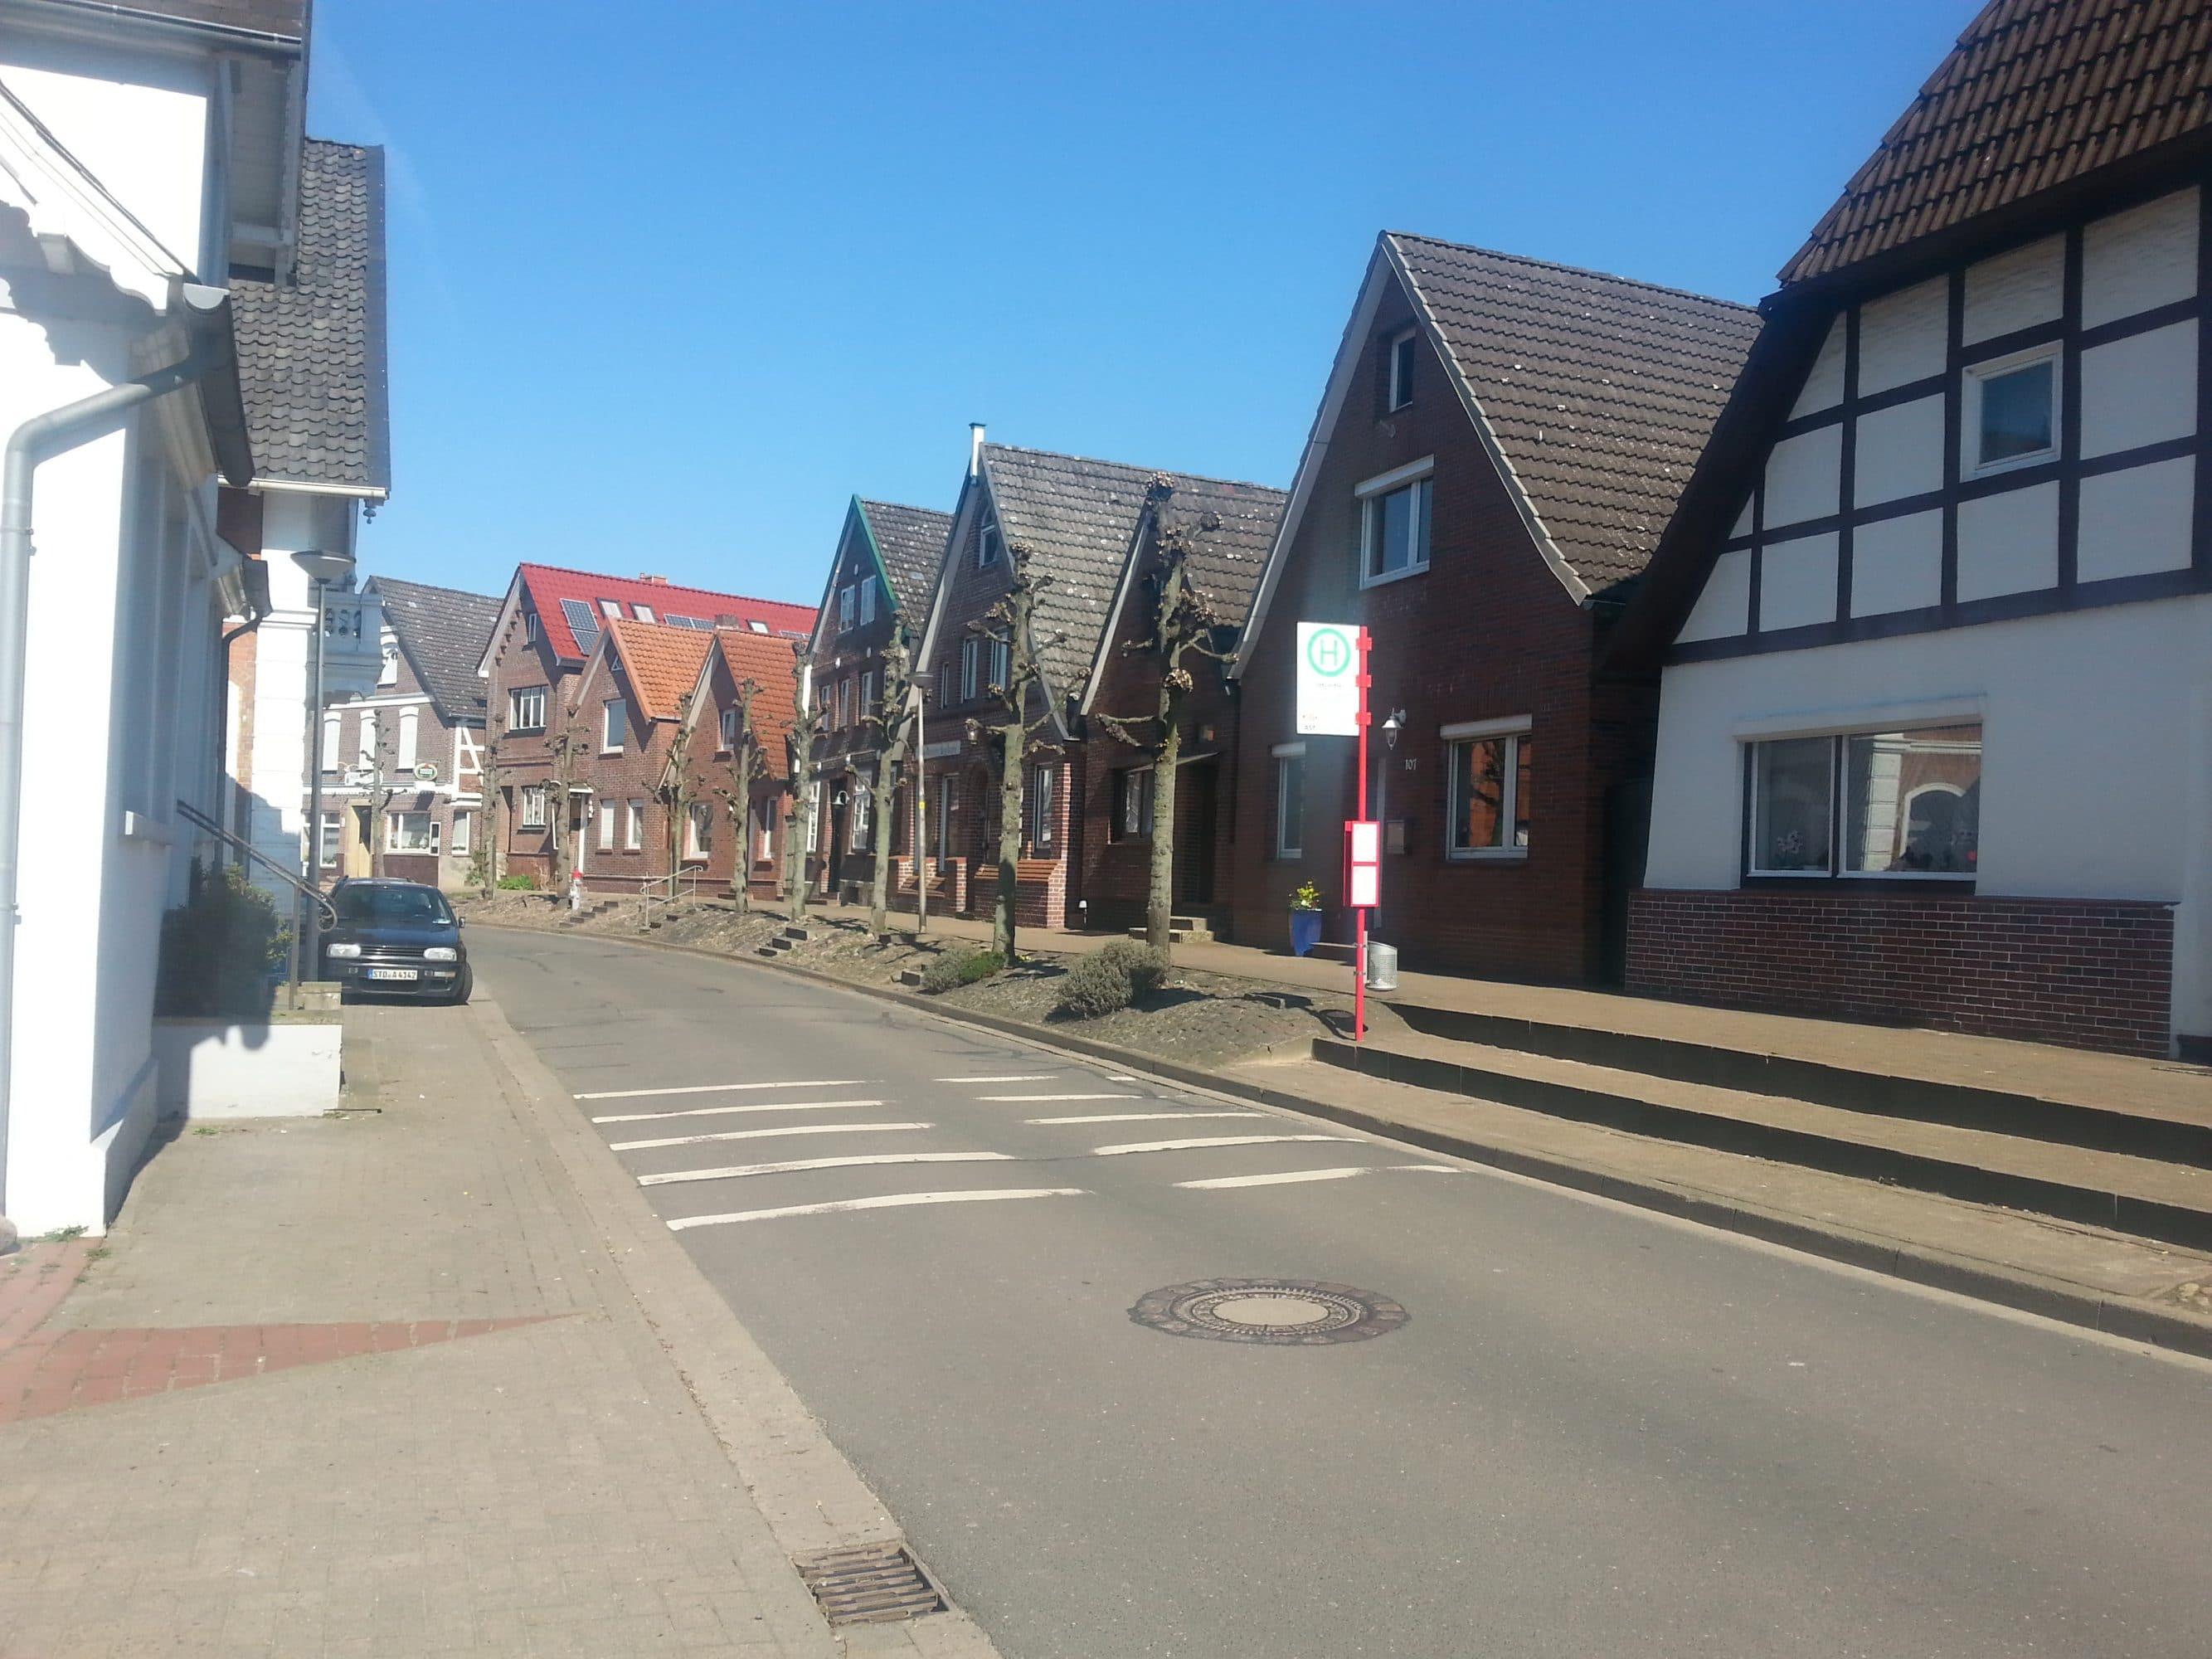 Der idyllische Ortskern von Estebrügge. - Wilkens-Immobilien © 2017